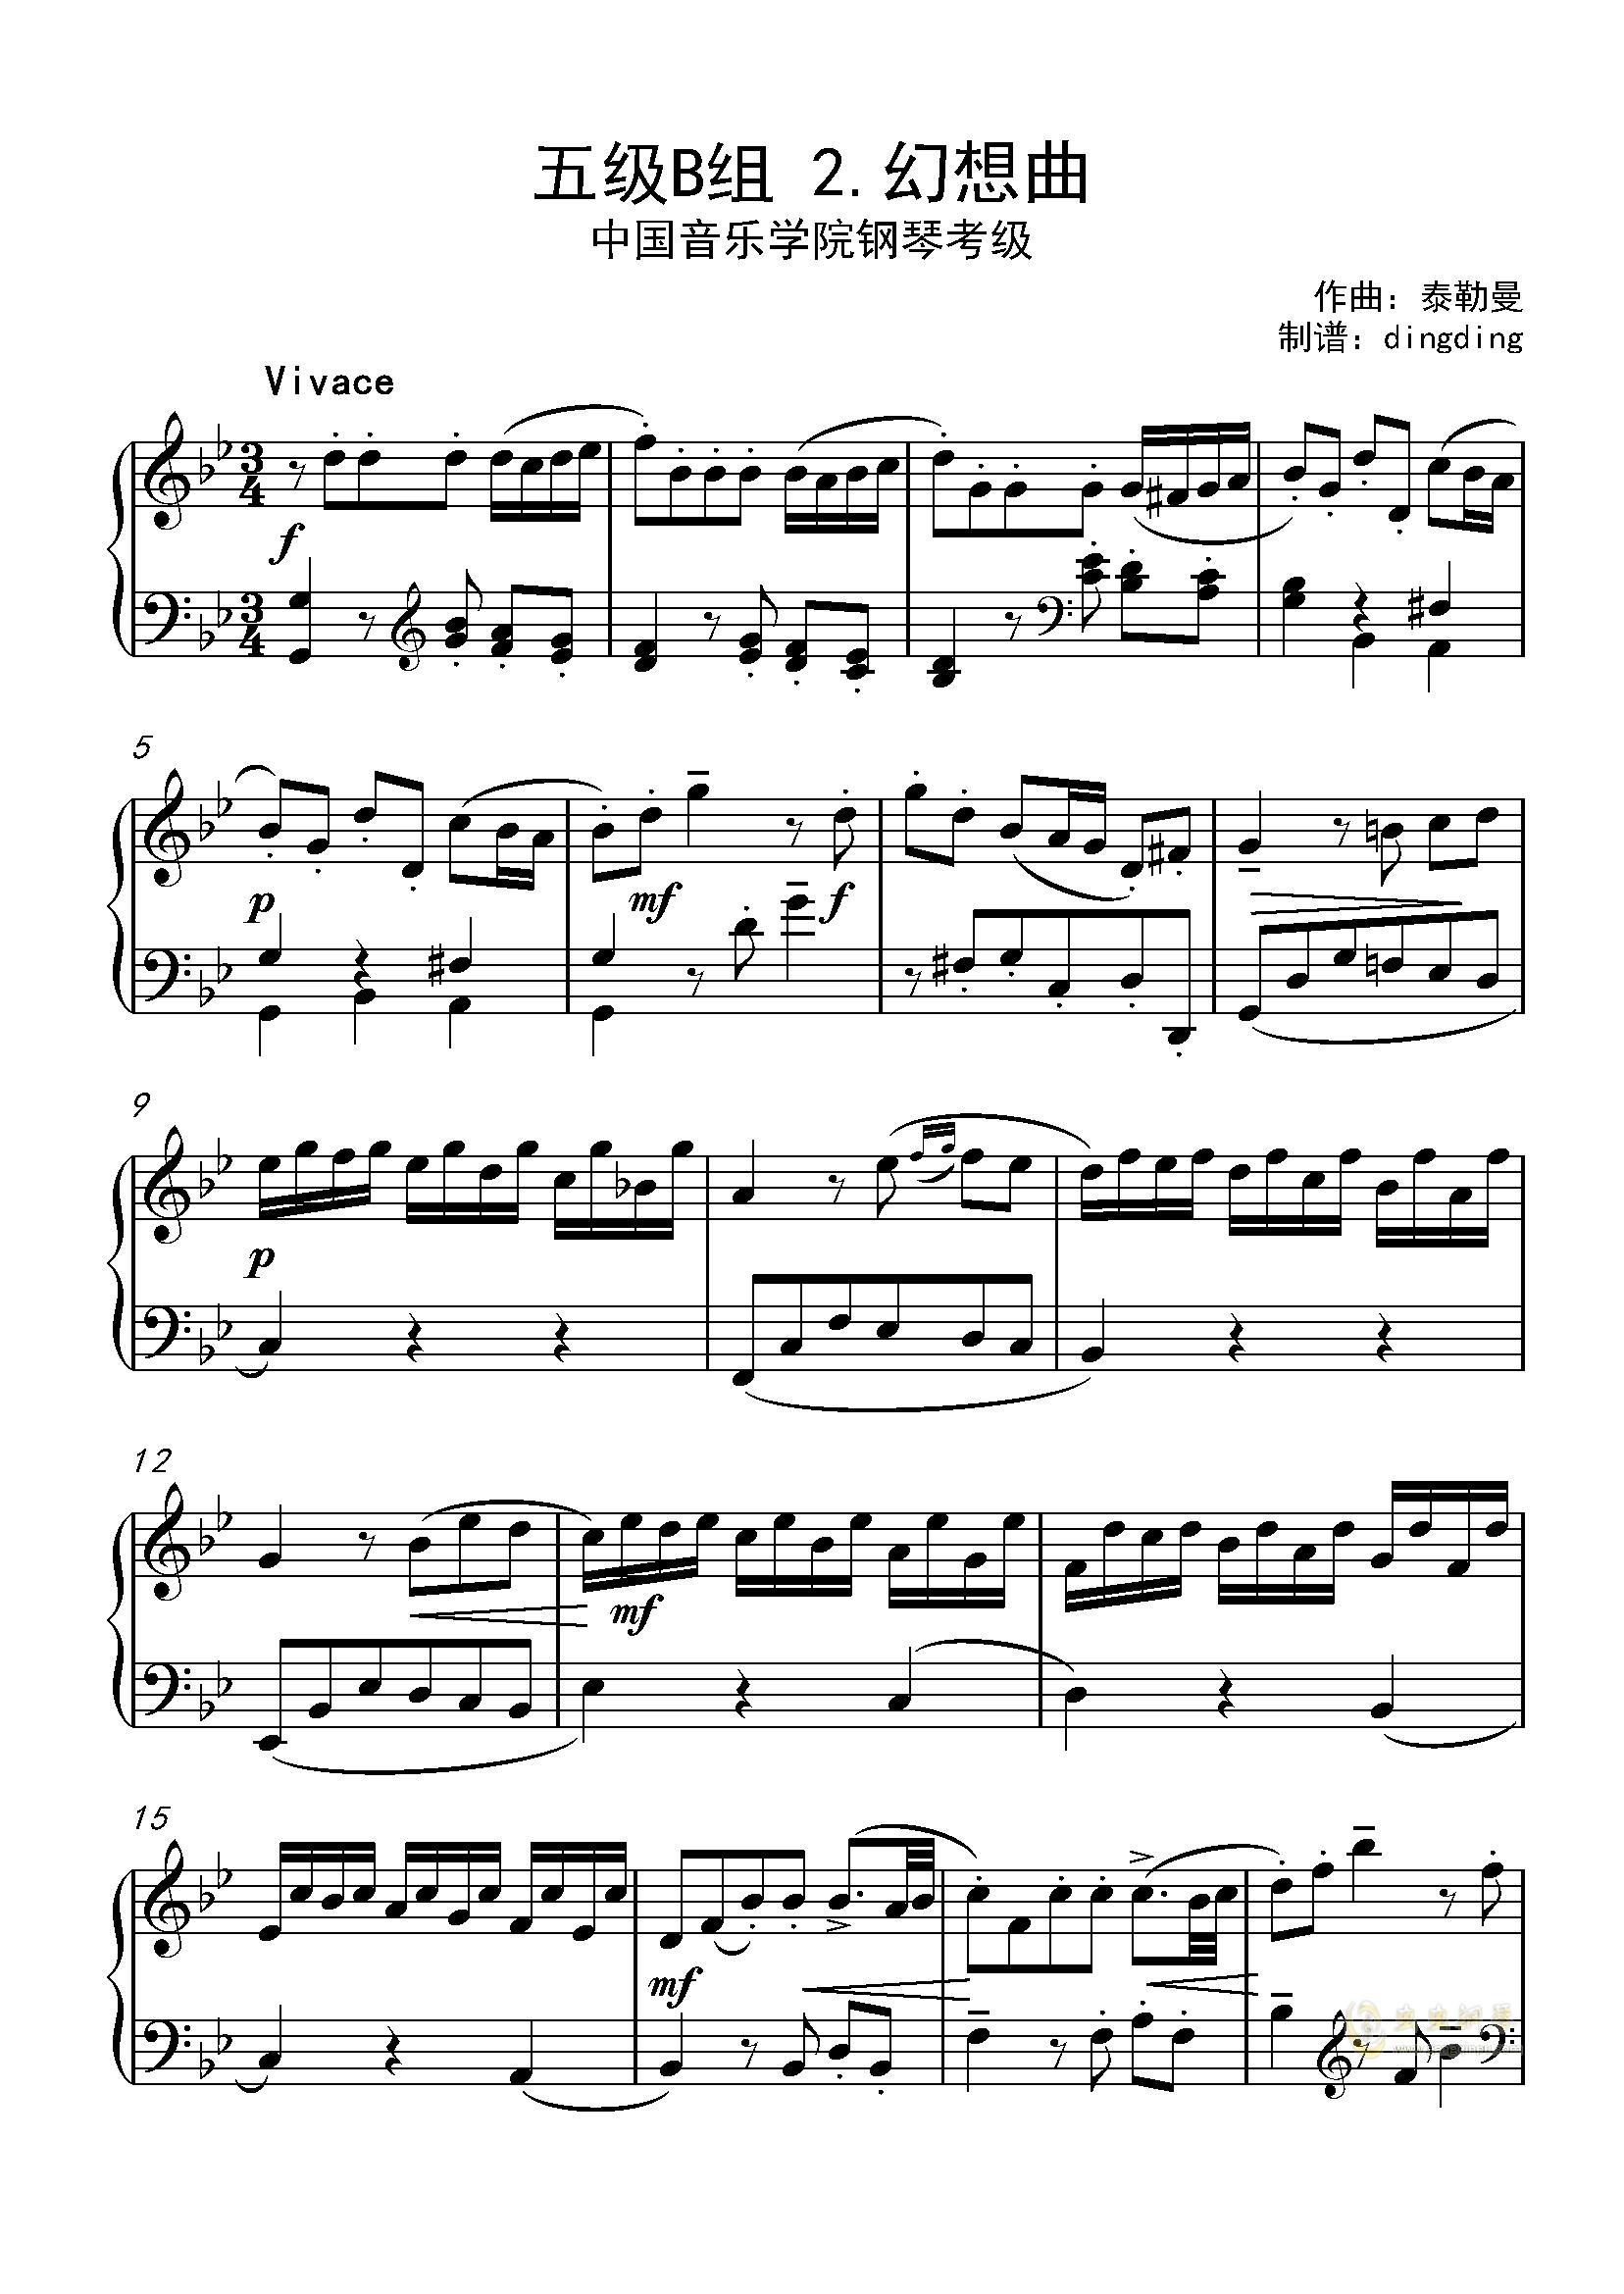 幻想曲钢琴谱 第1页